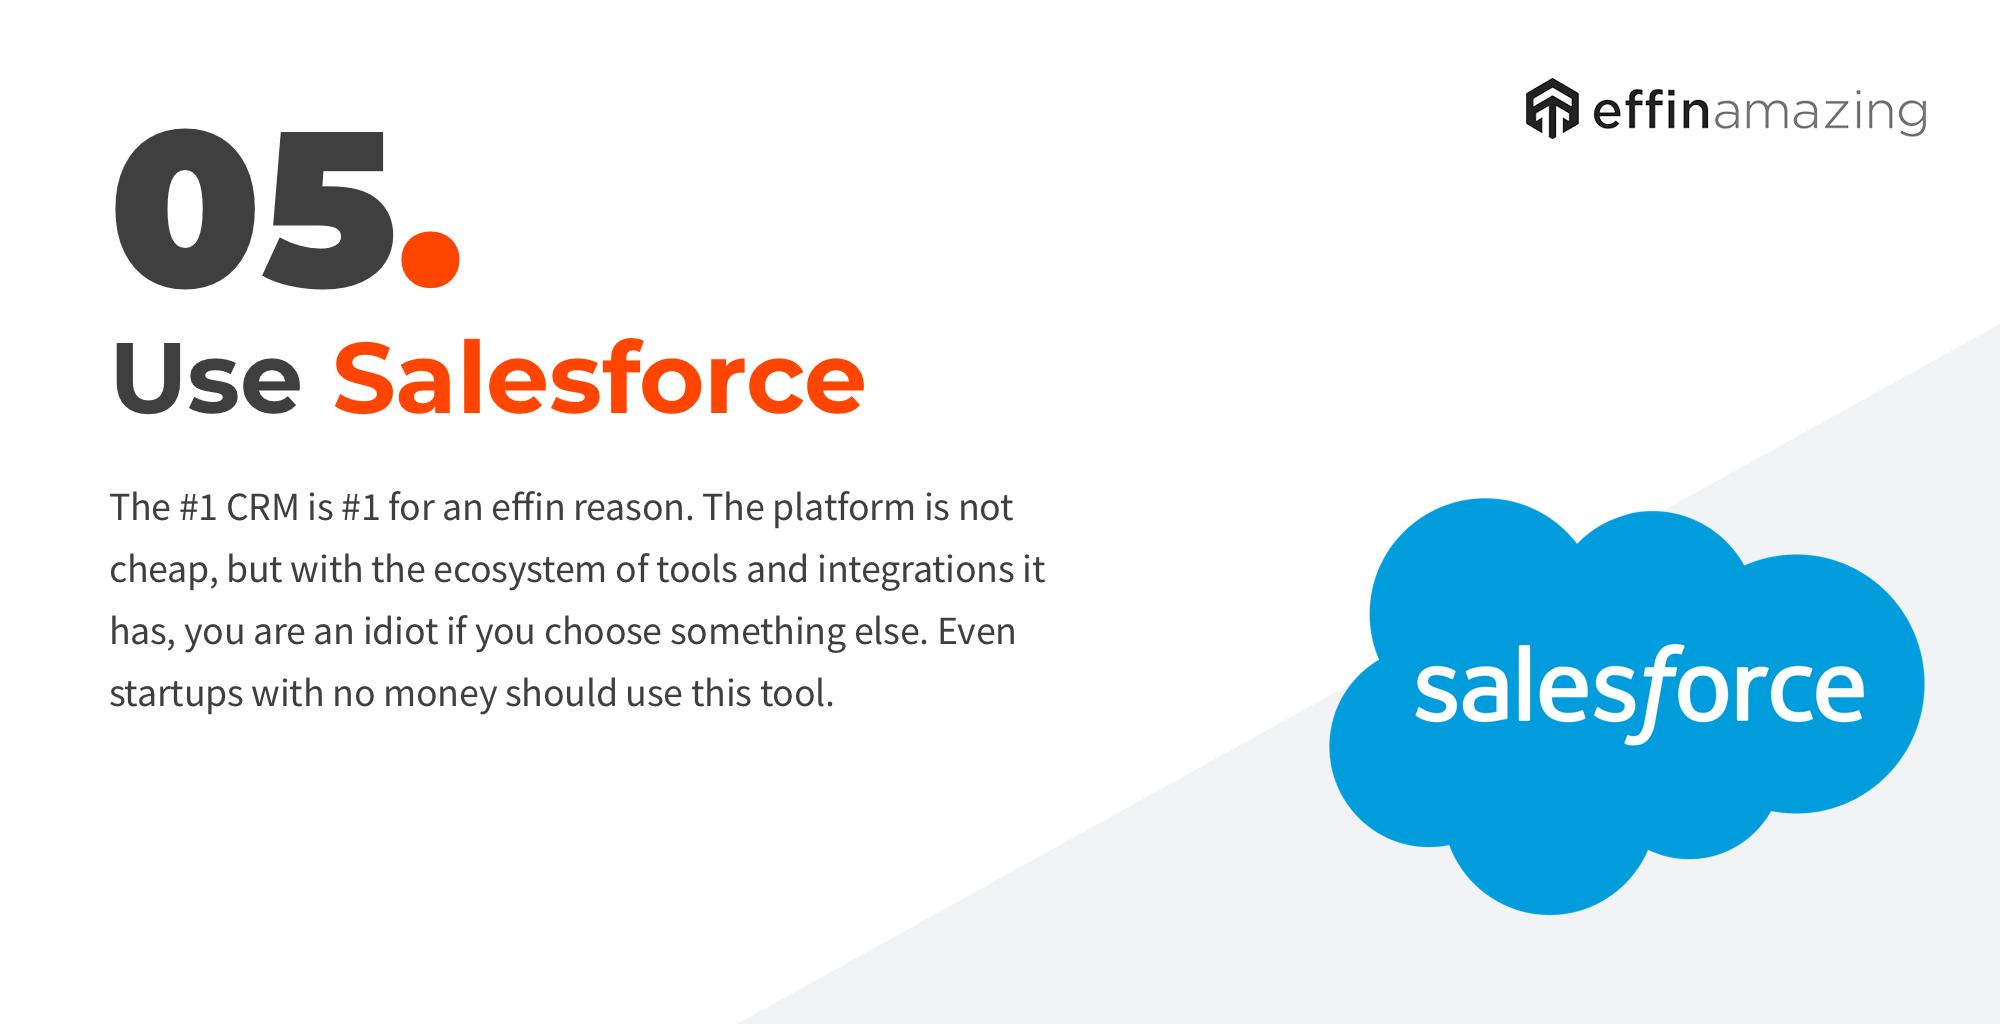 Salesforce marketing stack